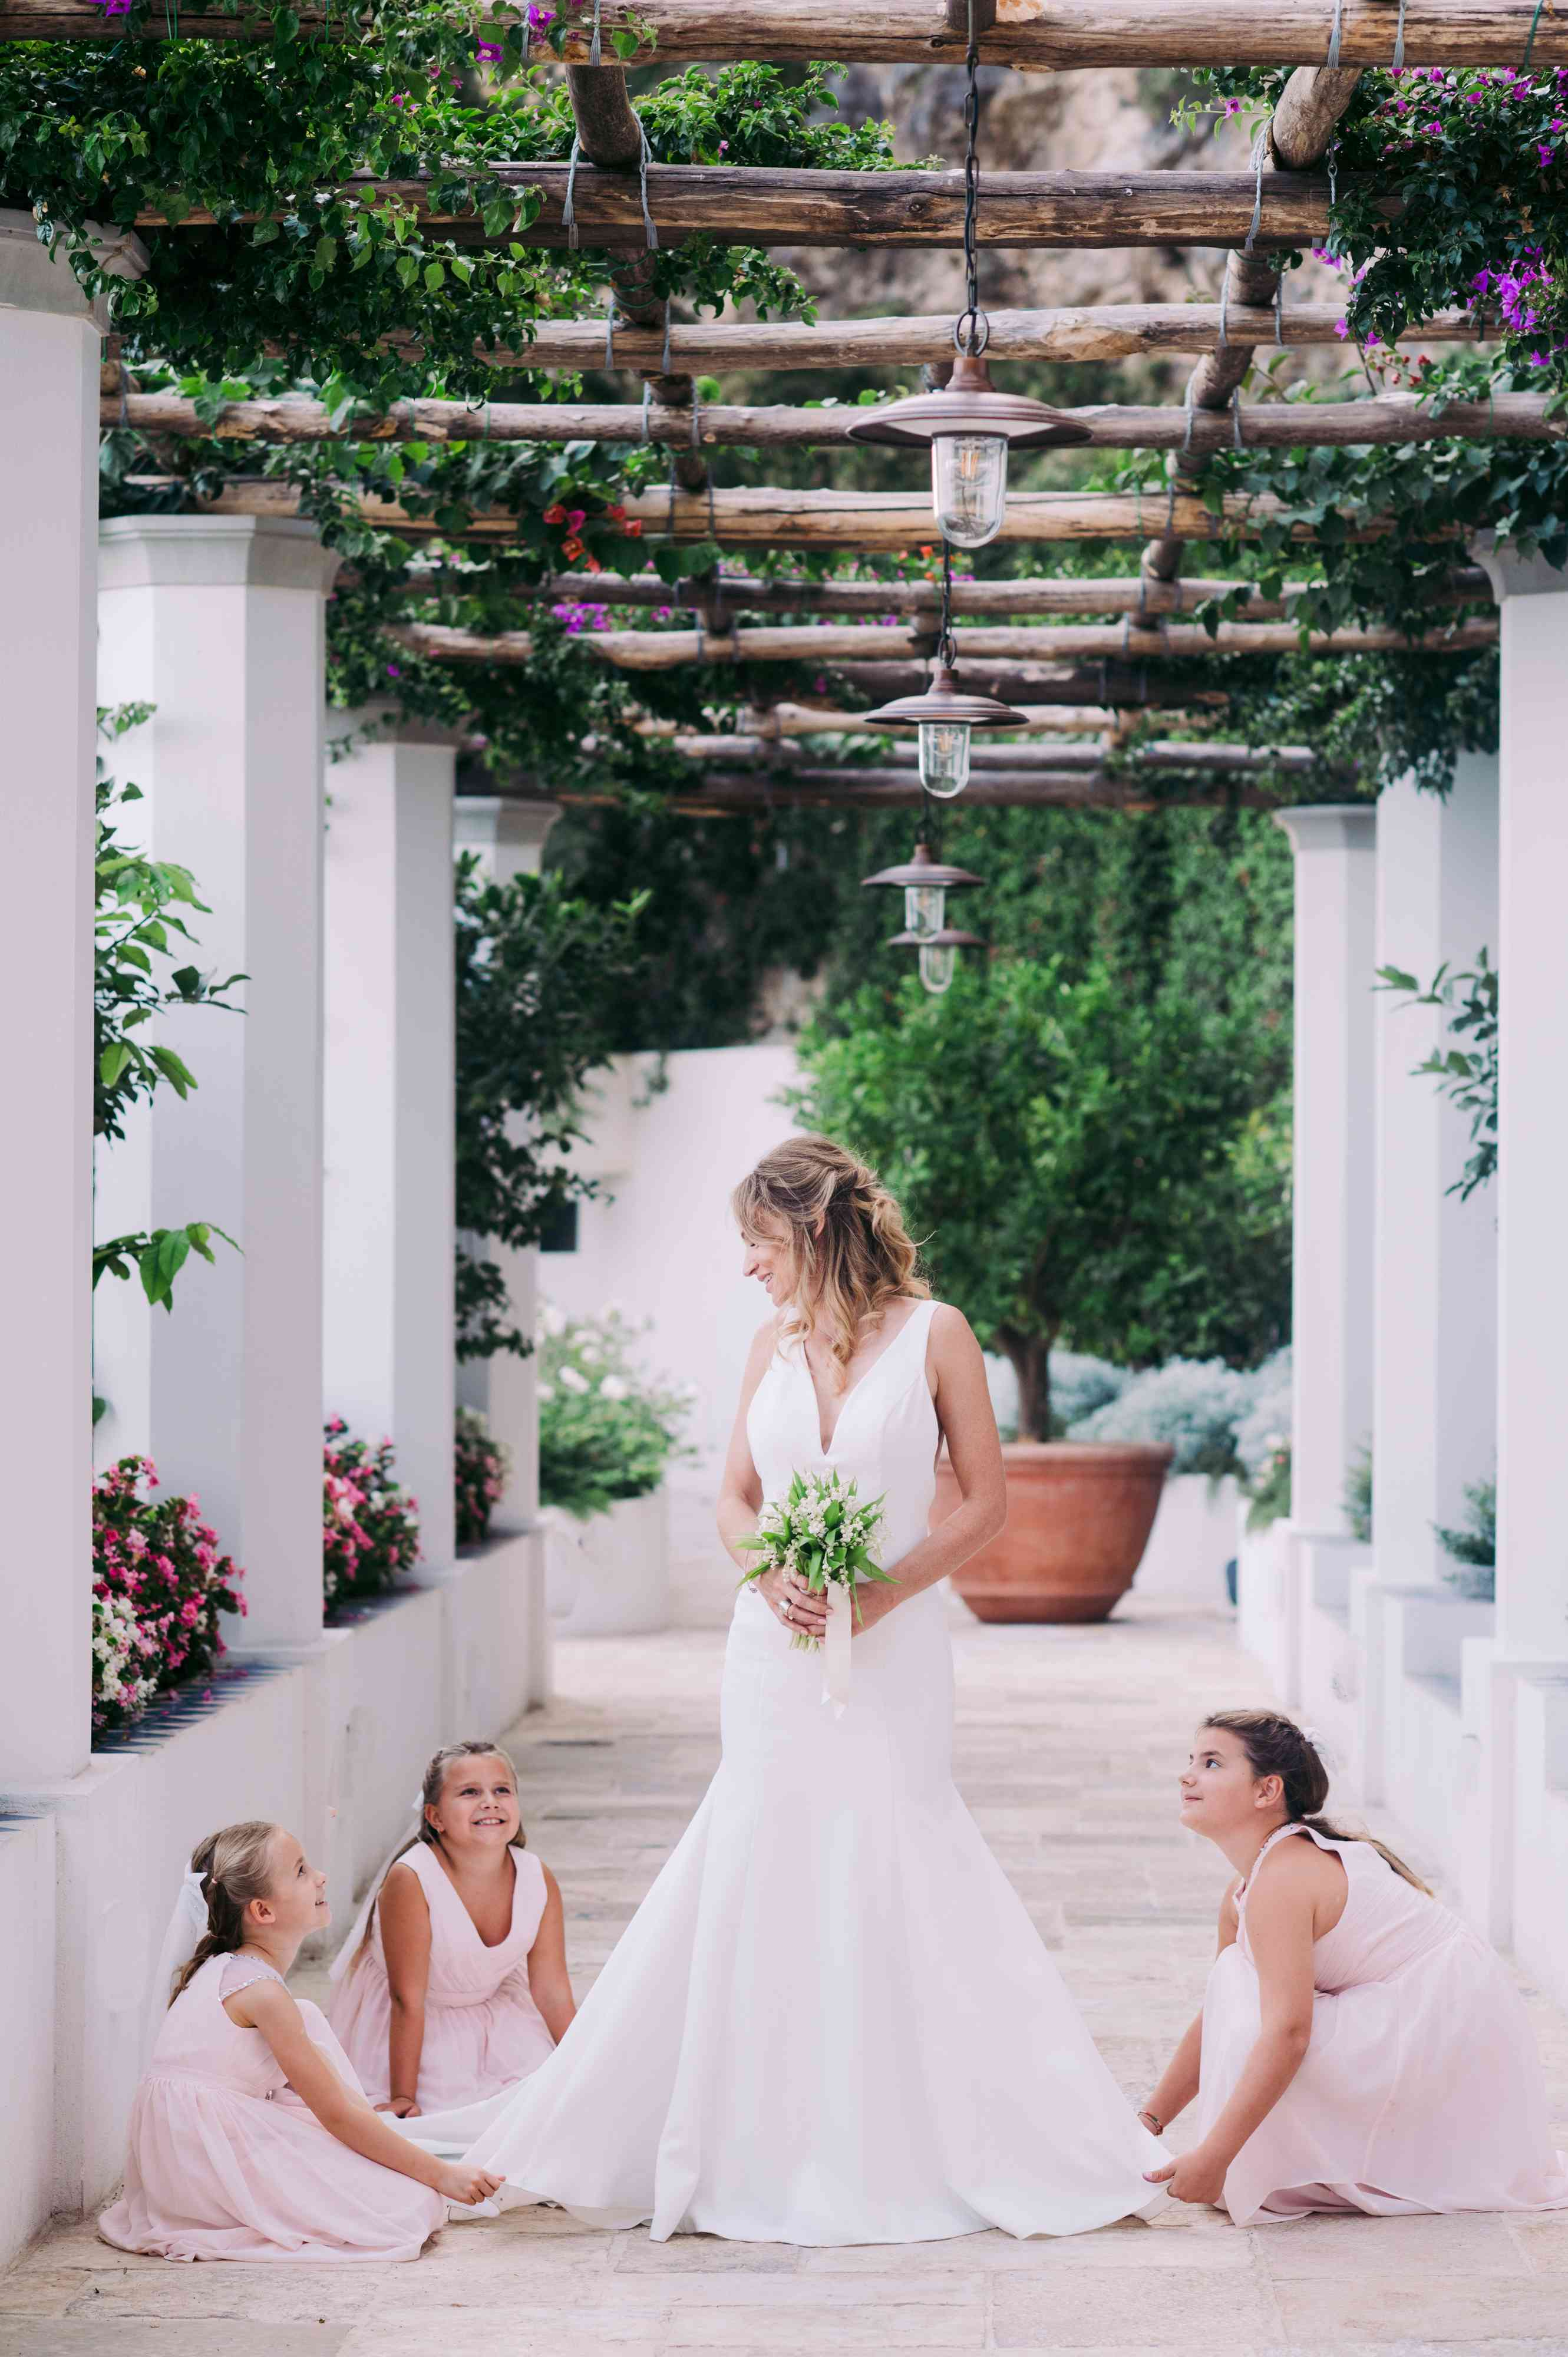 Flower girls holding dress